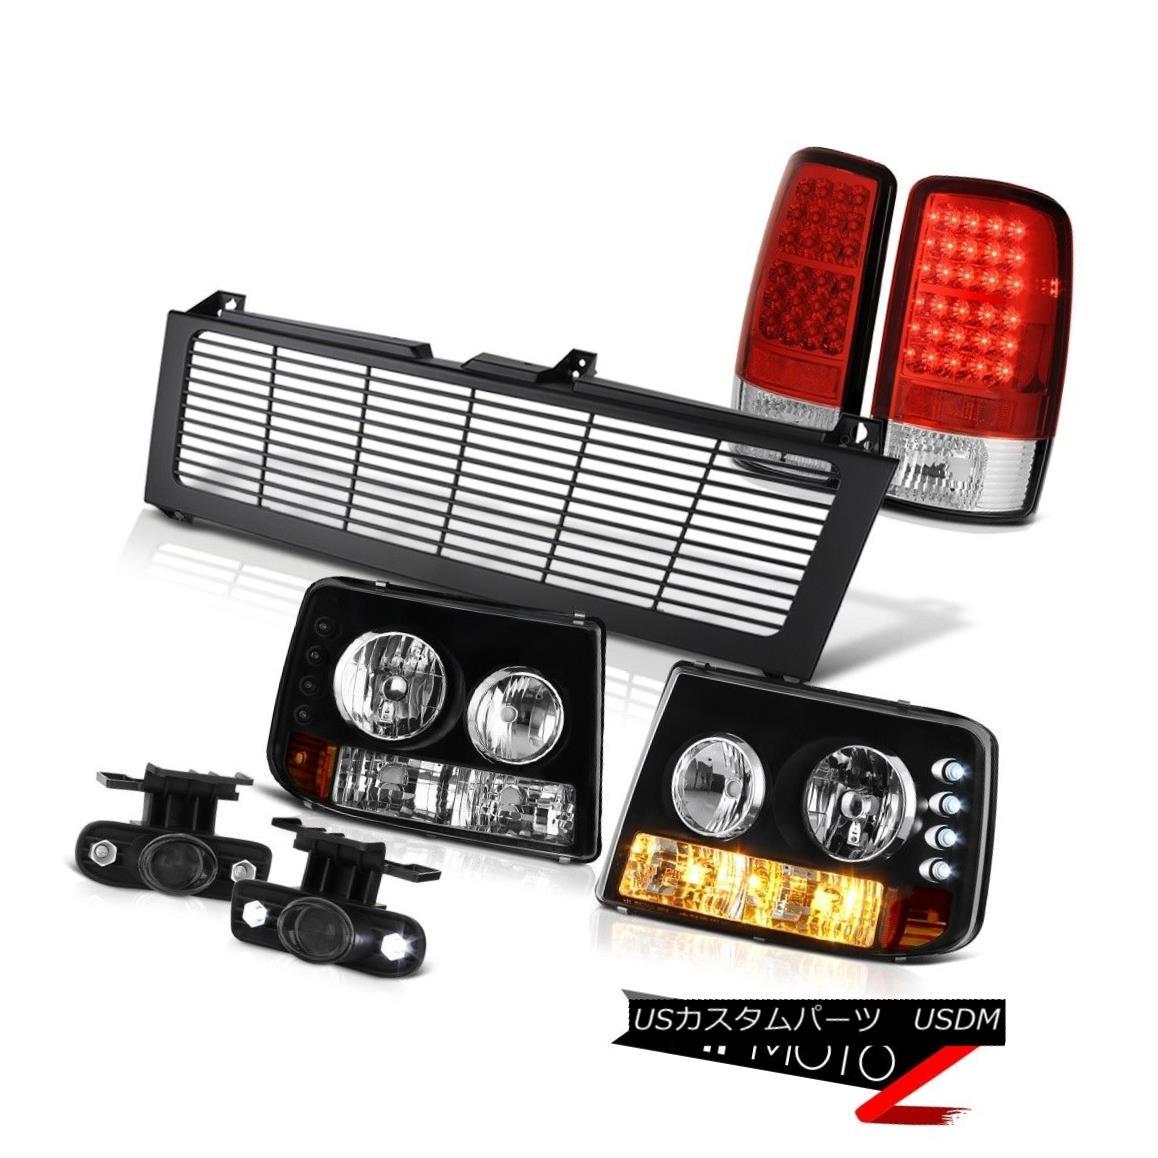 テールライト 00-06 Tahoe LT Black Parking Headlights LED Taillamps Projector Foglights Grille 00-06タホLTブラックパーキングヘッドライトLEDテールランププロジェクターフォグライティンググリル